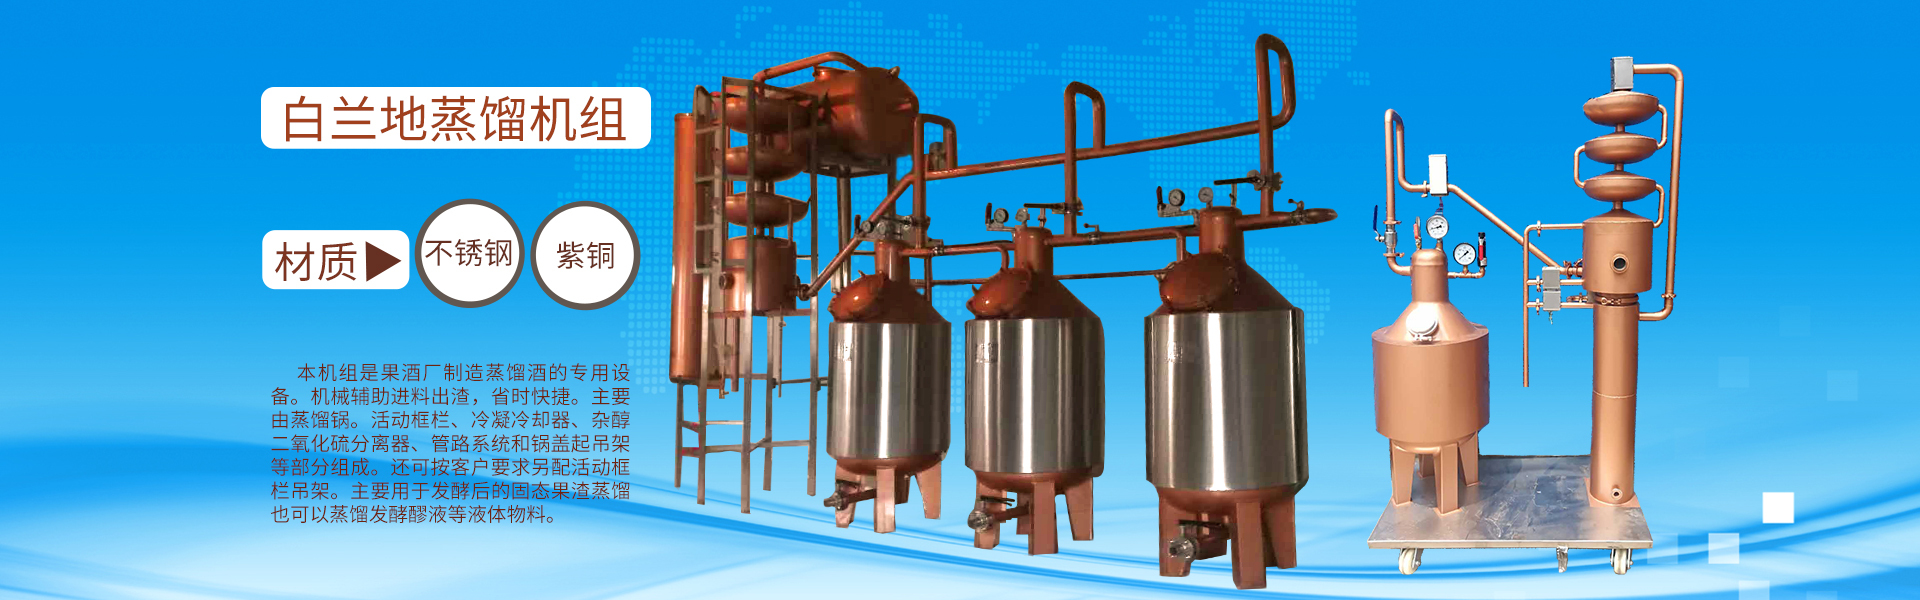 白蘭地蒸餾機組,白蘭地蒸餾機,葡萄皮渣蒸餾機組